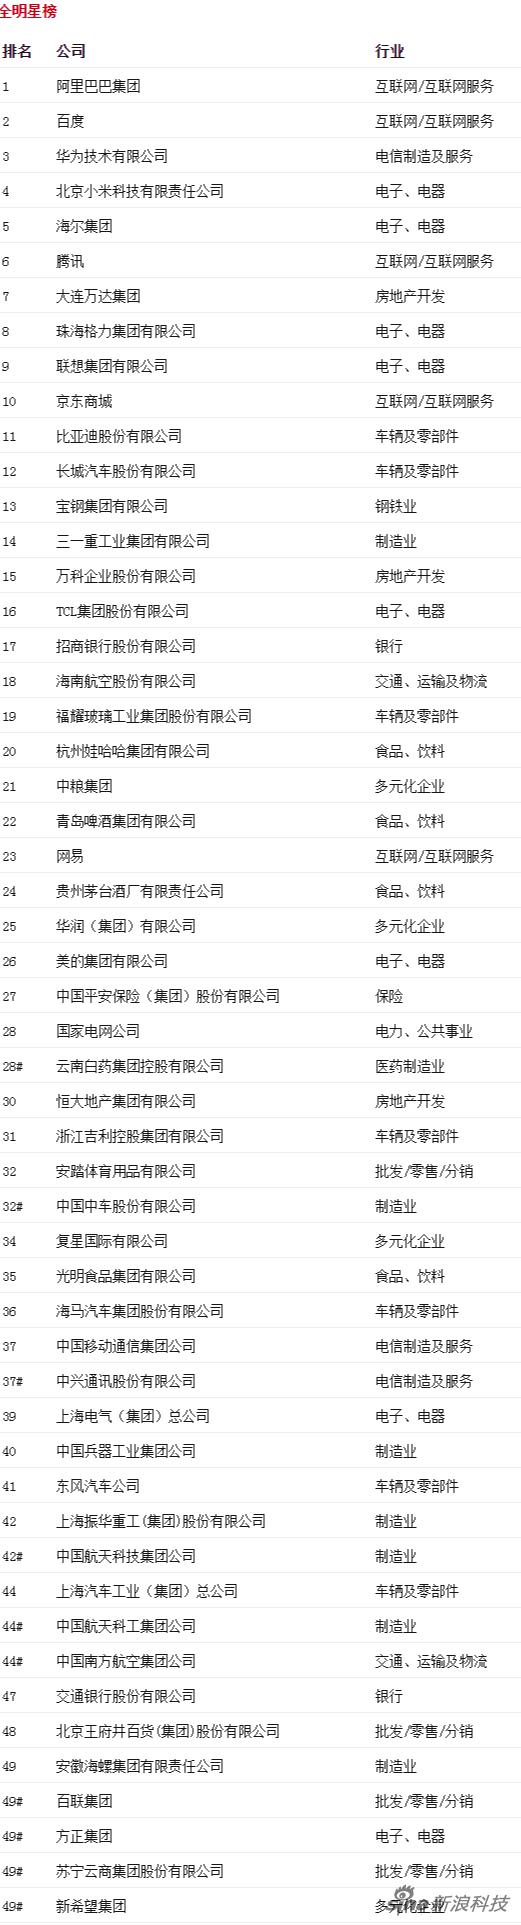 2015年最受贊賞的中國公司排行榜